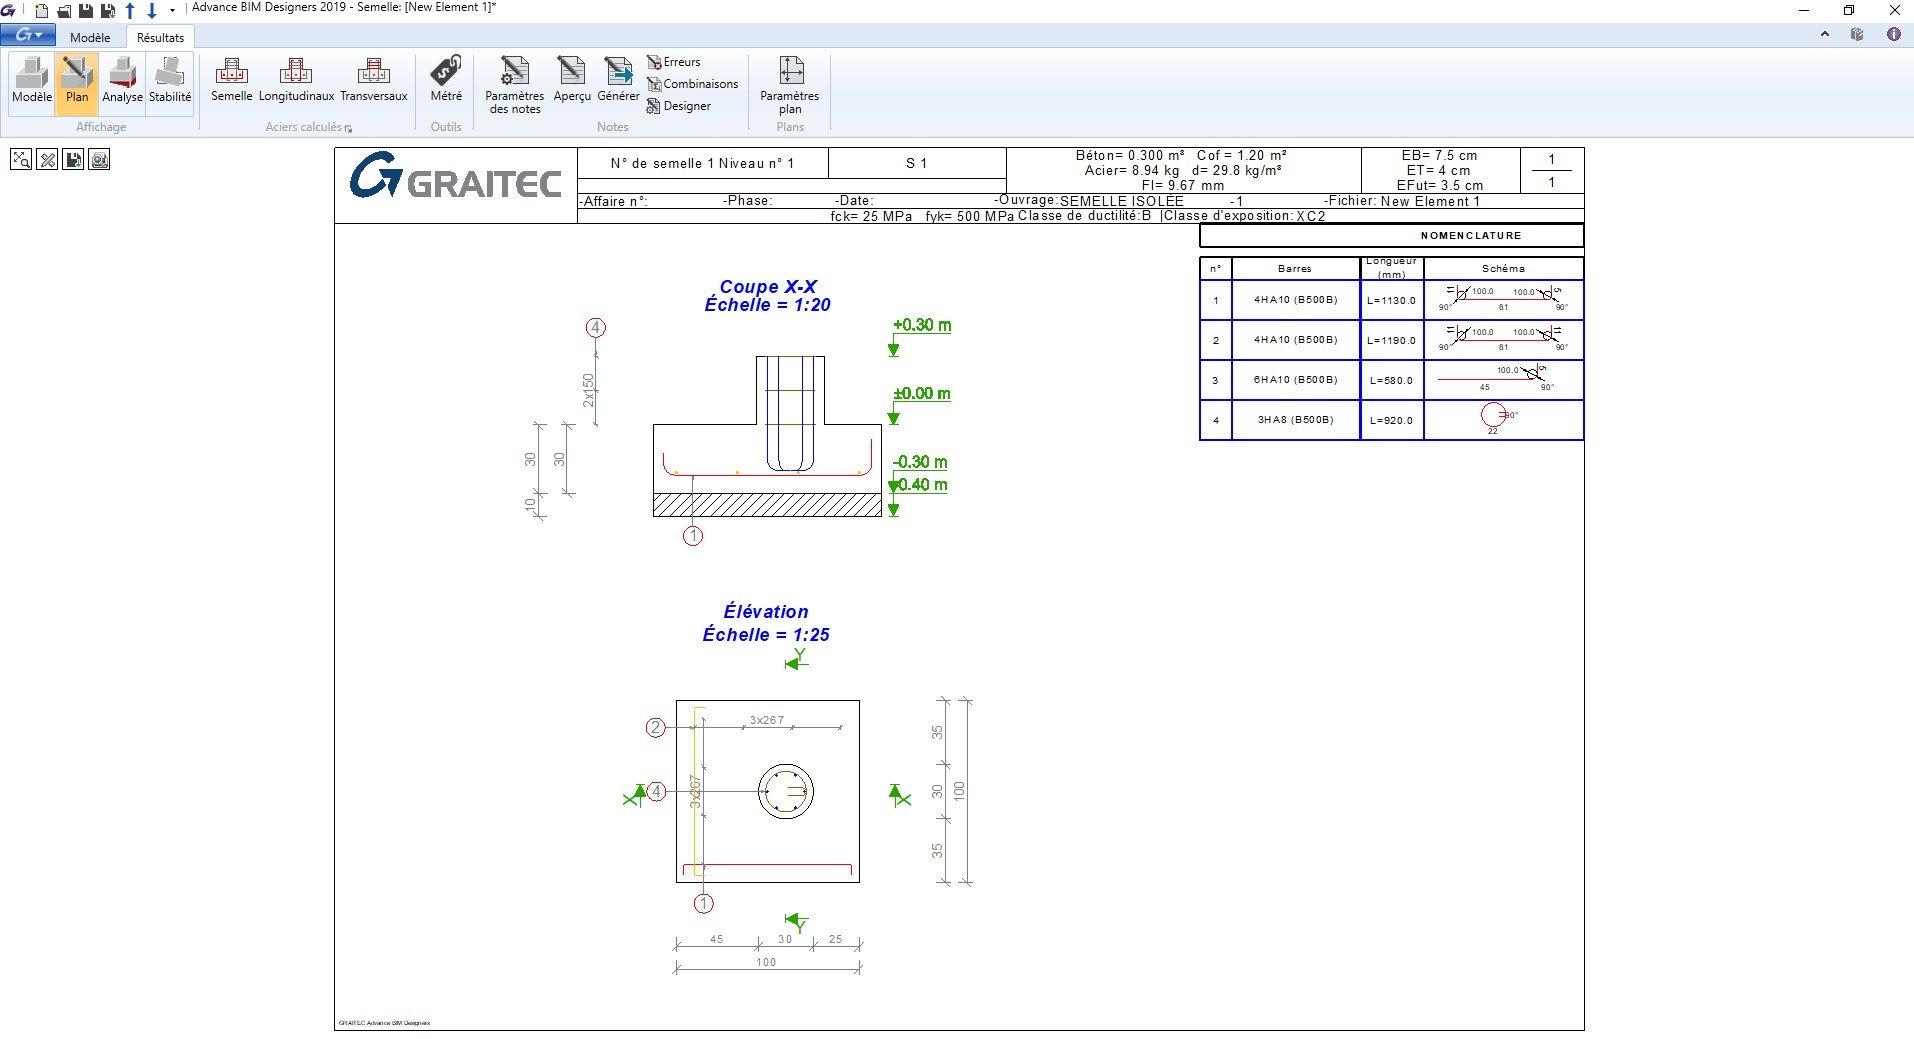 logiciel arche graitec gratuit